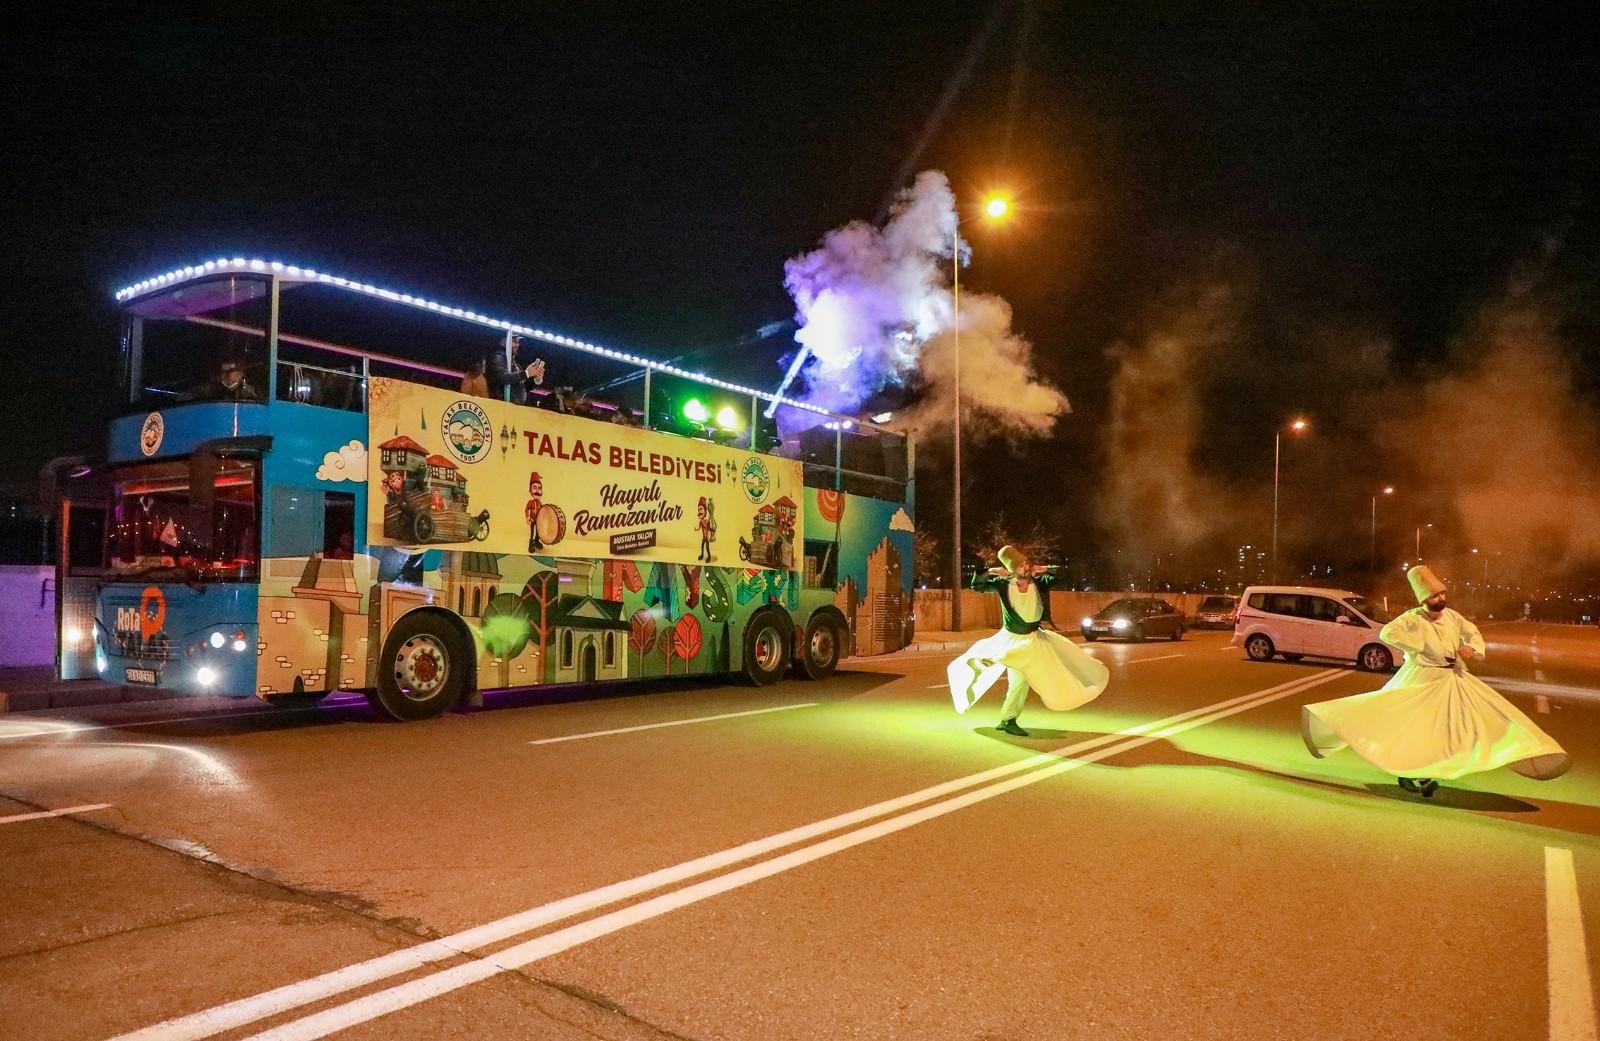 Ramazan otobüsü her akşam başka bir mahalleye keyifli anlar yaşatıyor